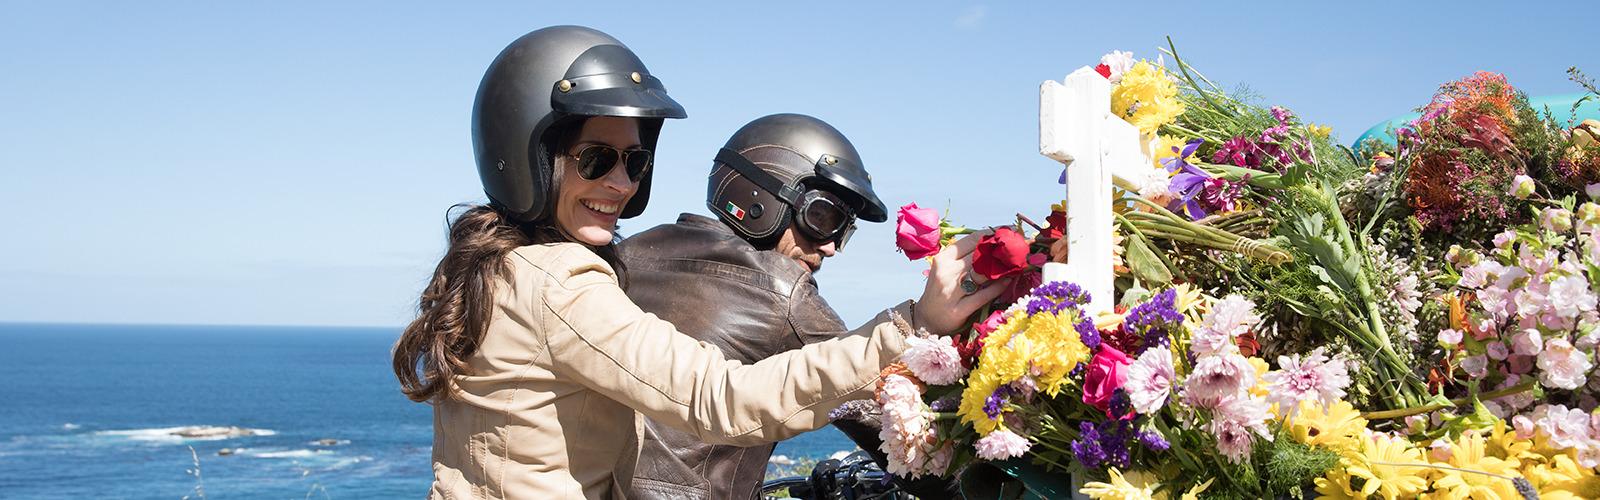 women_man_bike_1600x500.jpg